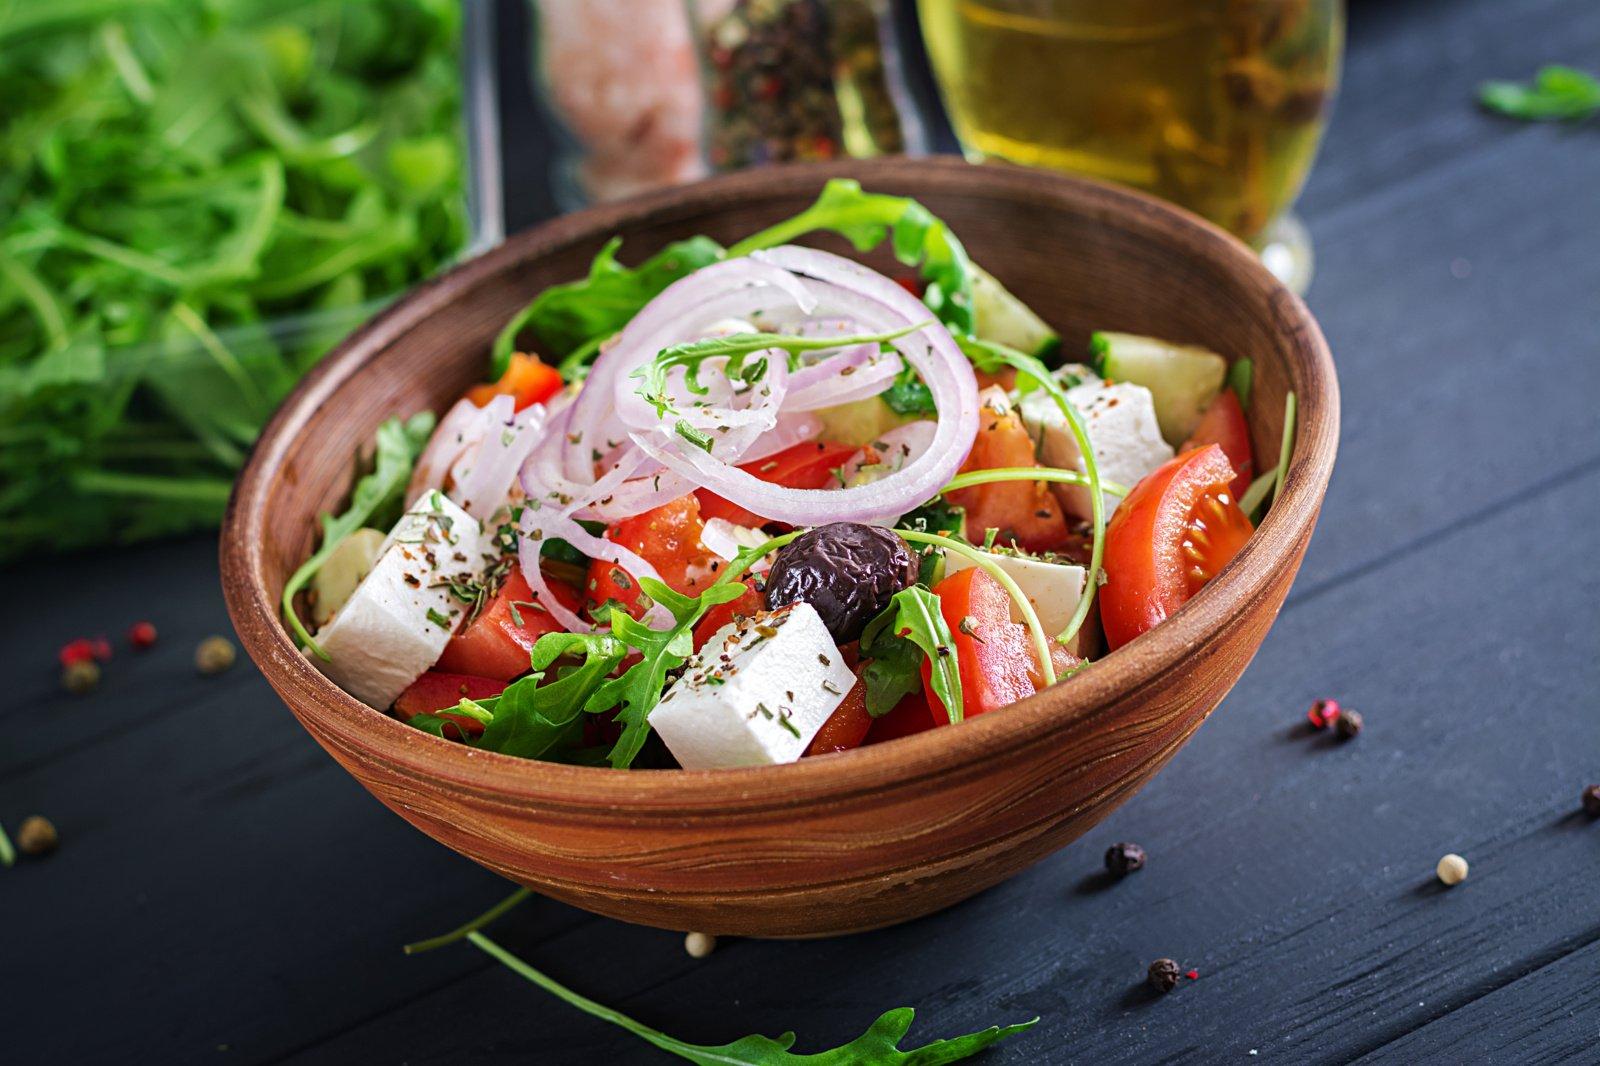 Sveikiausios pasaulio dietos: kaip numesti svorio neskriaudžiant savęs?